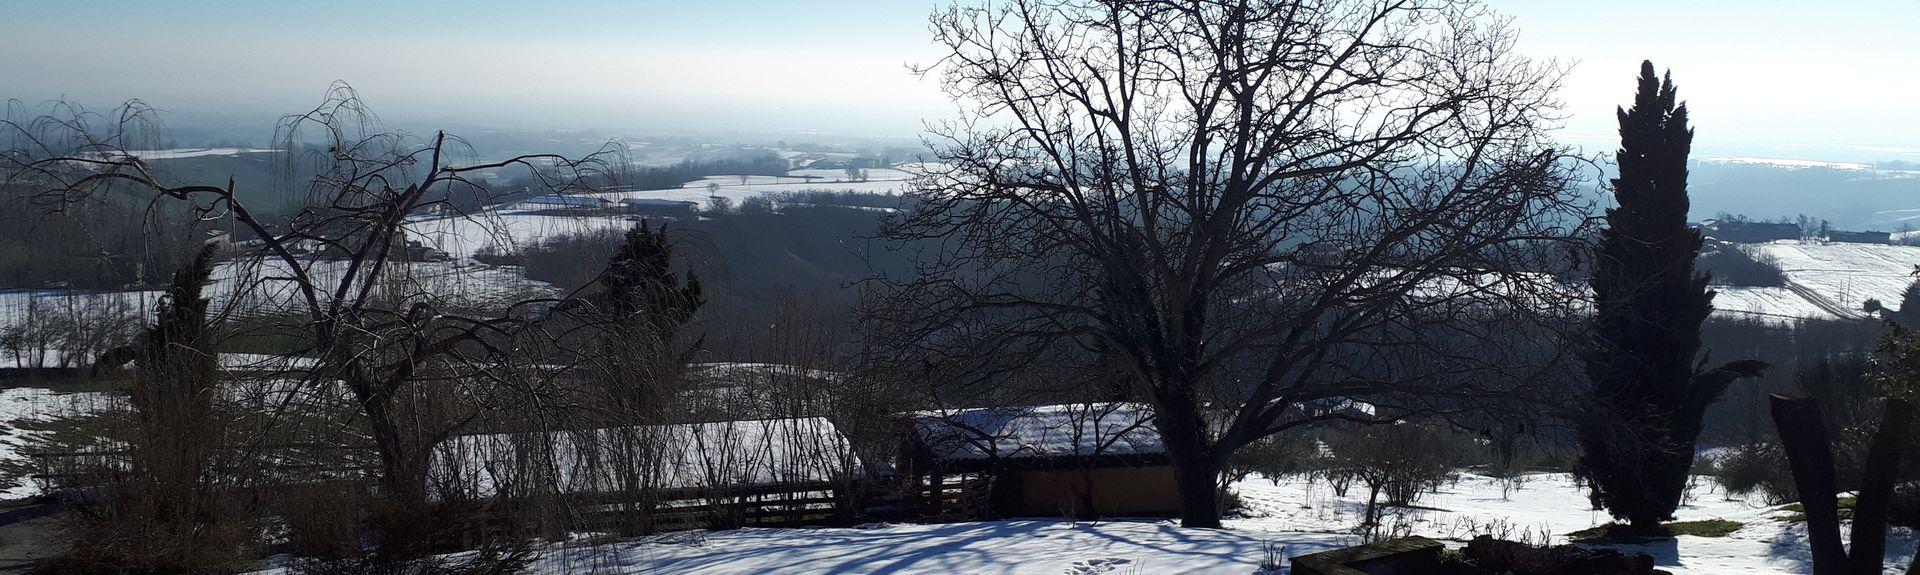 Salsomaggiore Terme, Emilia-Romagna, Italia